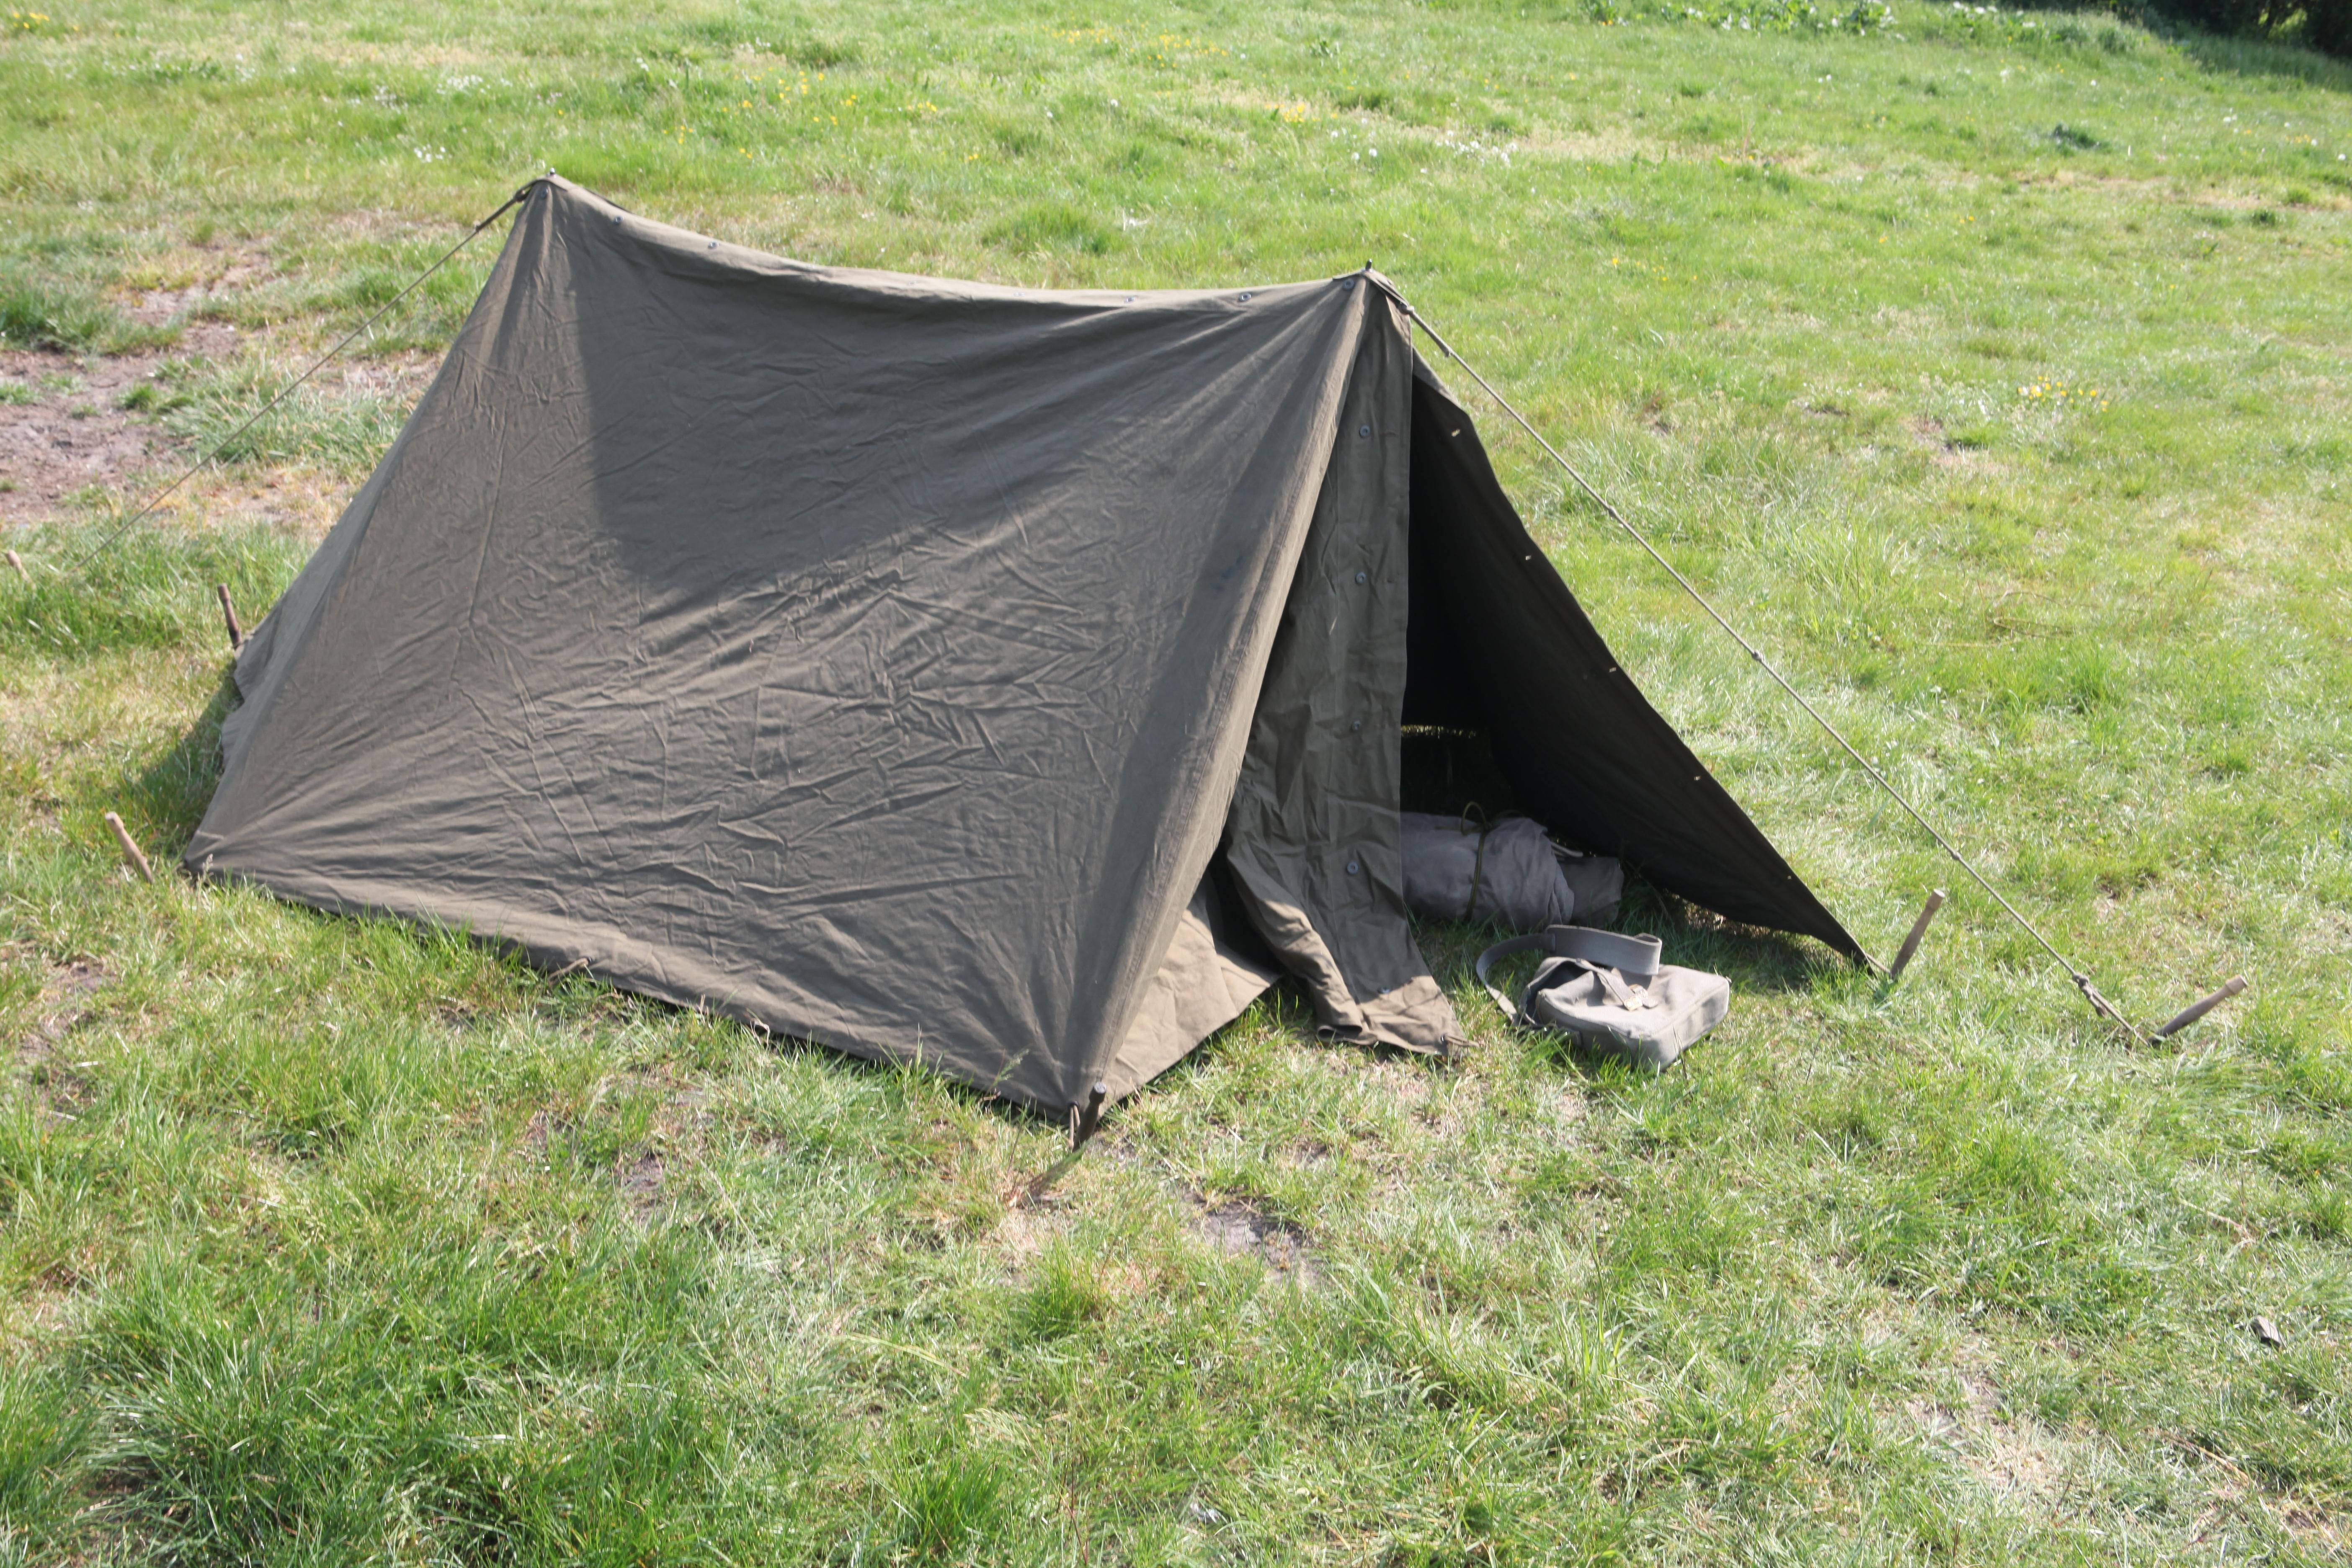 file:dutch army tent 1955.jpg ERWRISJ